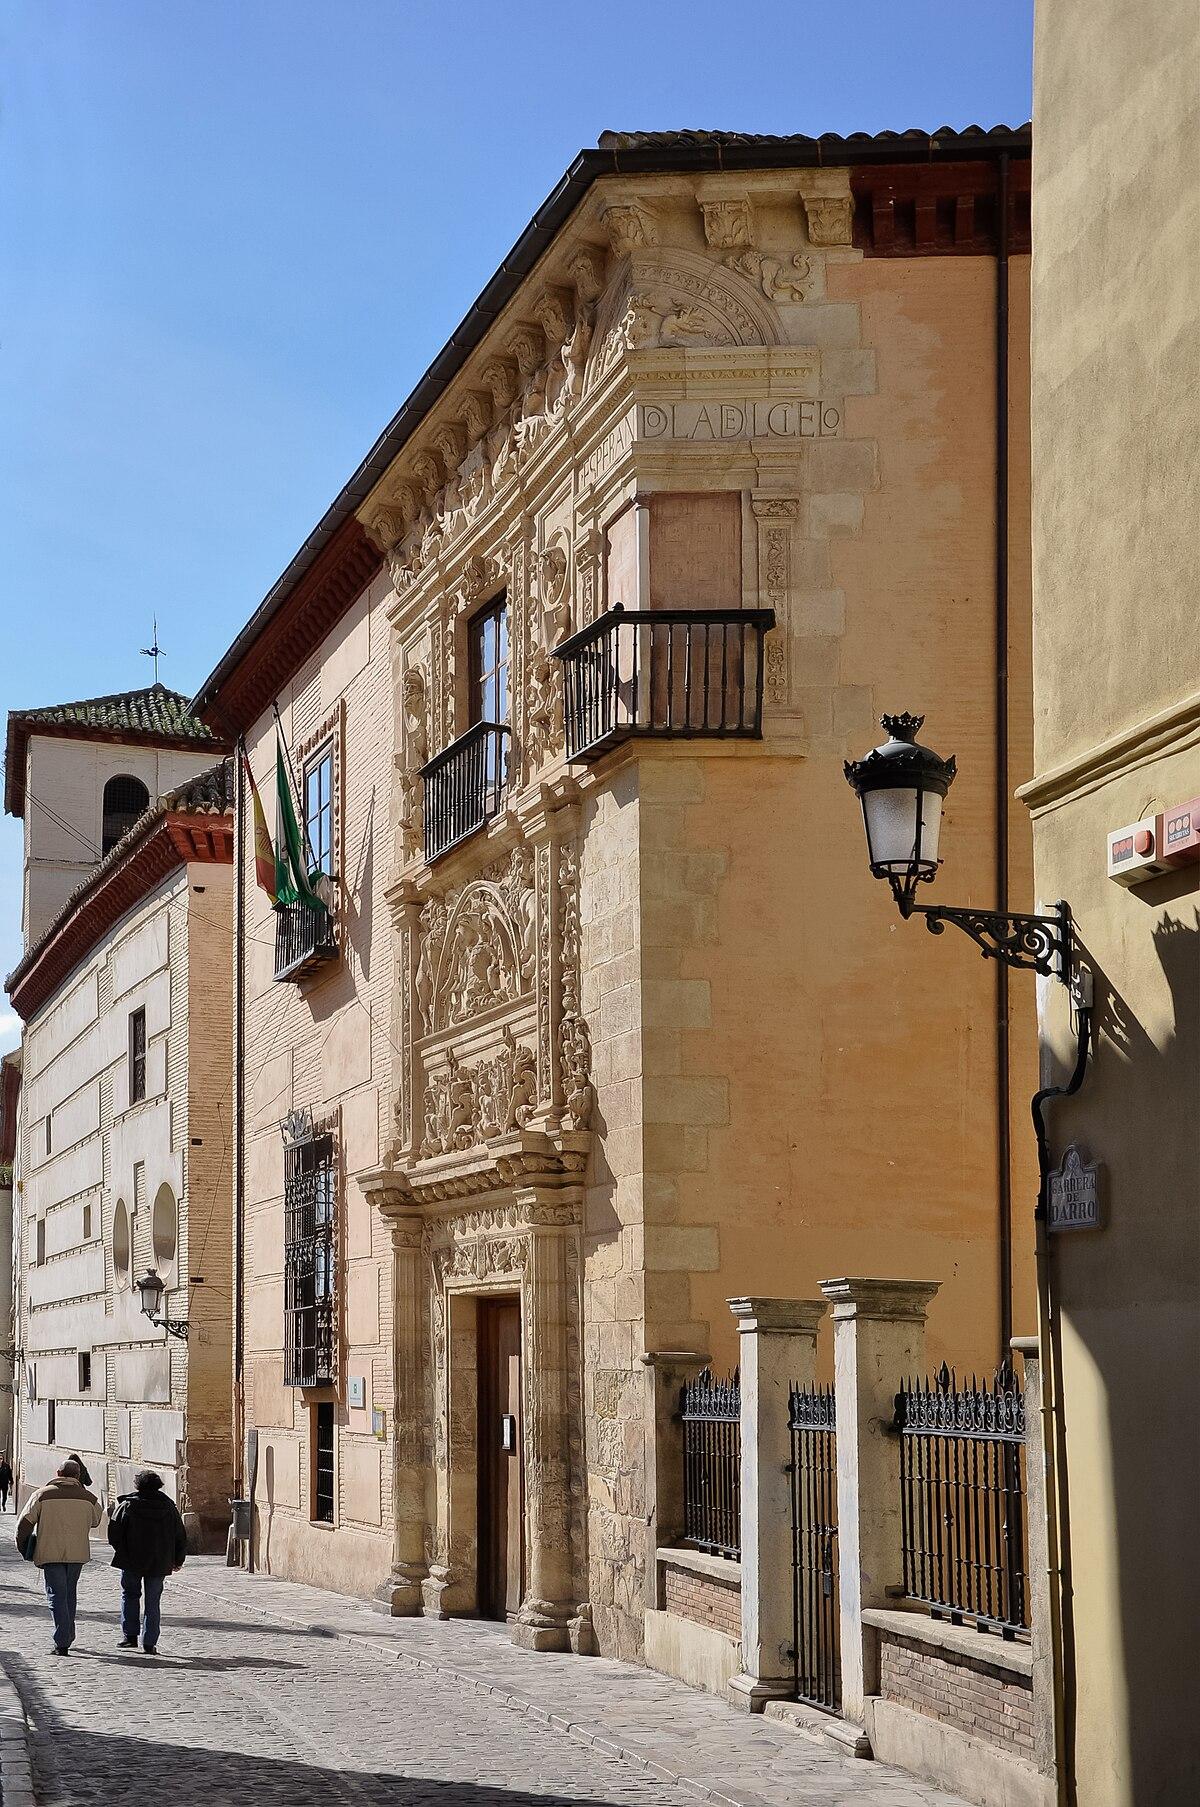 Casa de castril wikipedia la enciclopedia libre for Casa de granada